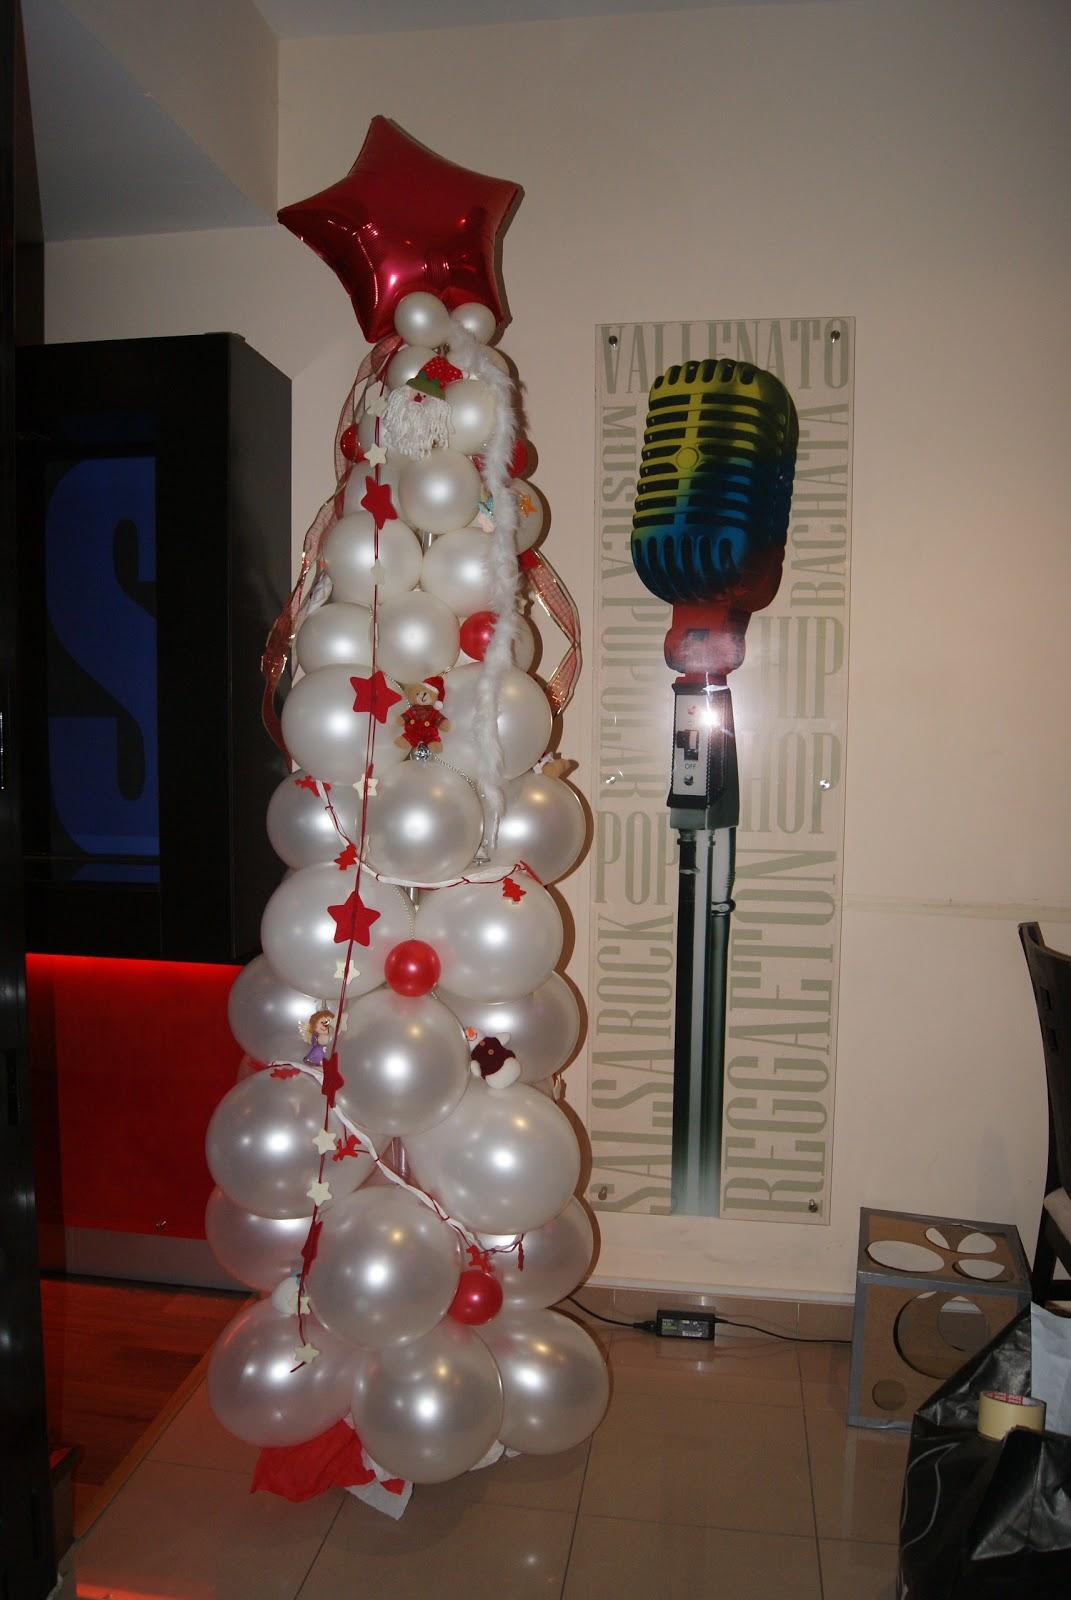 Decoraci n para fiestas en icopor poliespan navidad - Decoracion fiesta navidad ...